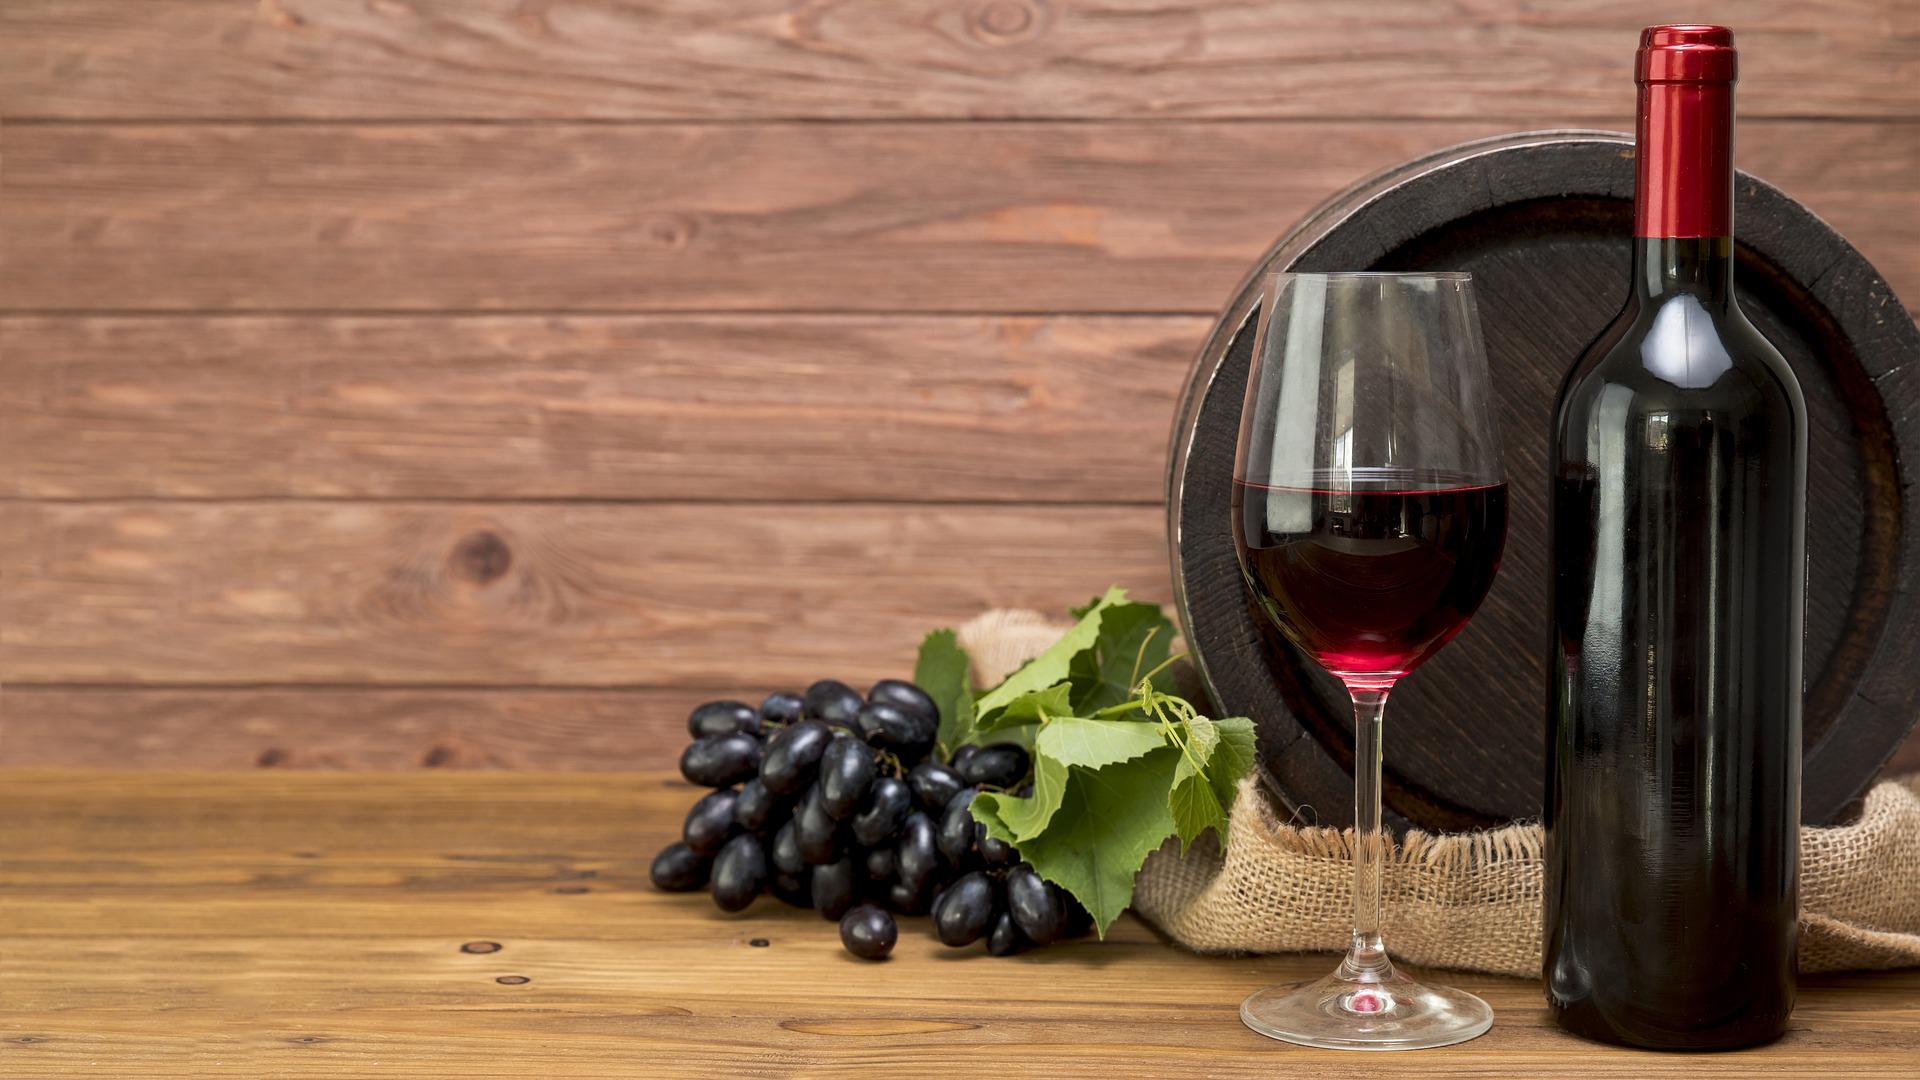 Les étapes de l'élaboration du vin rouge